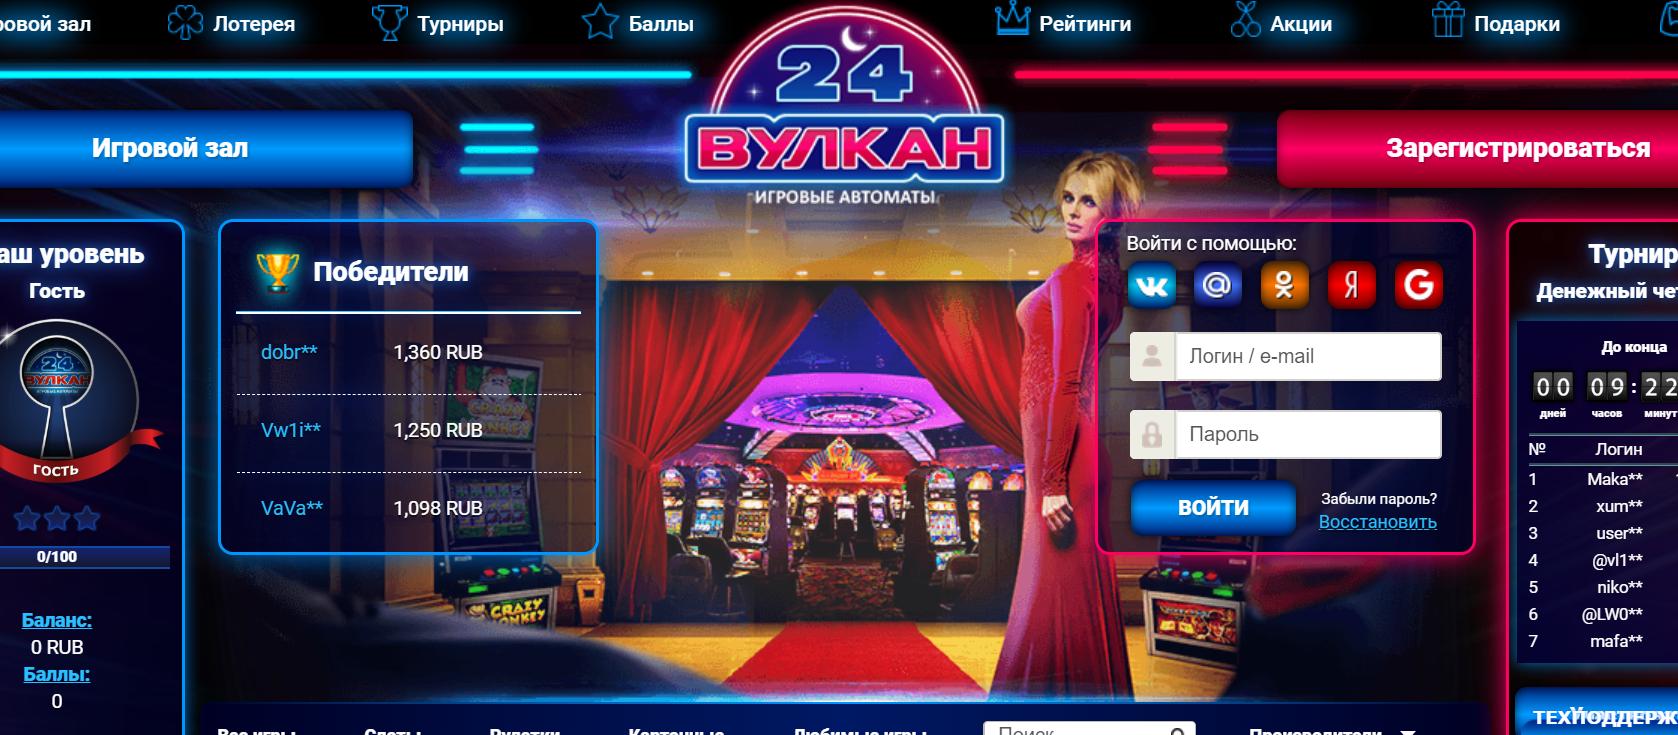 Качественный геймплей для новичков в казино онлайн Вулкан 24